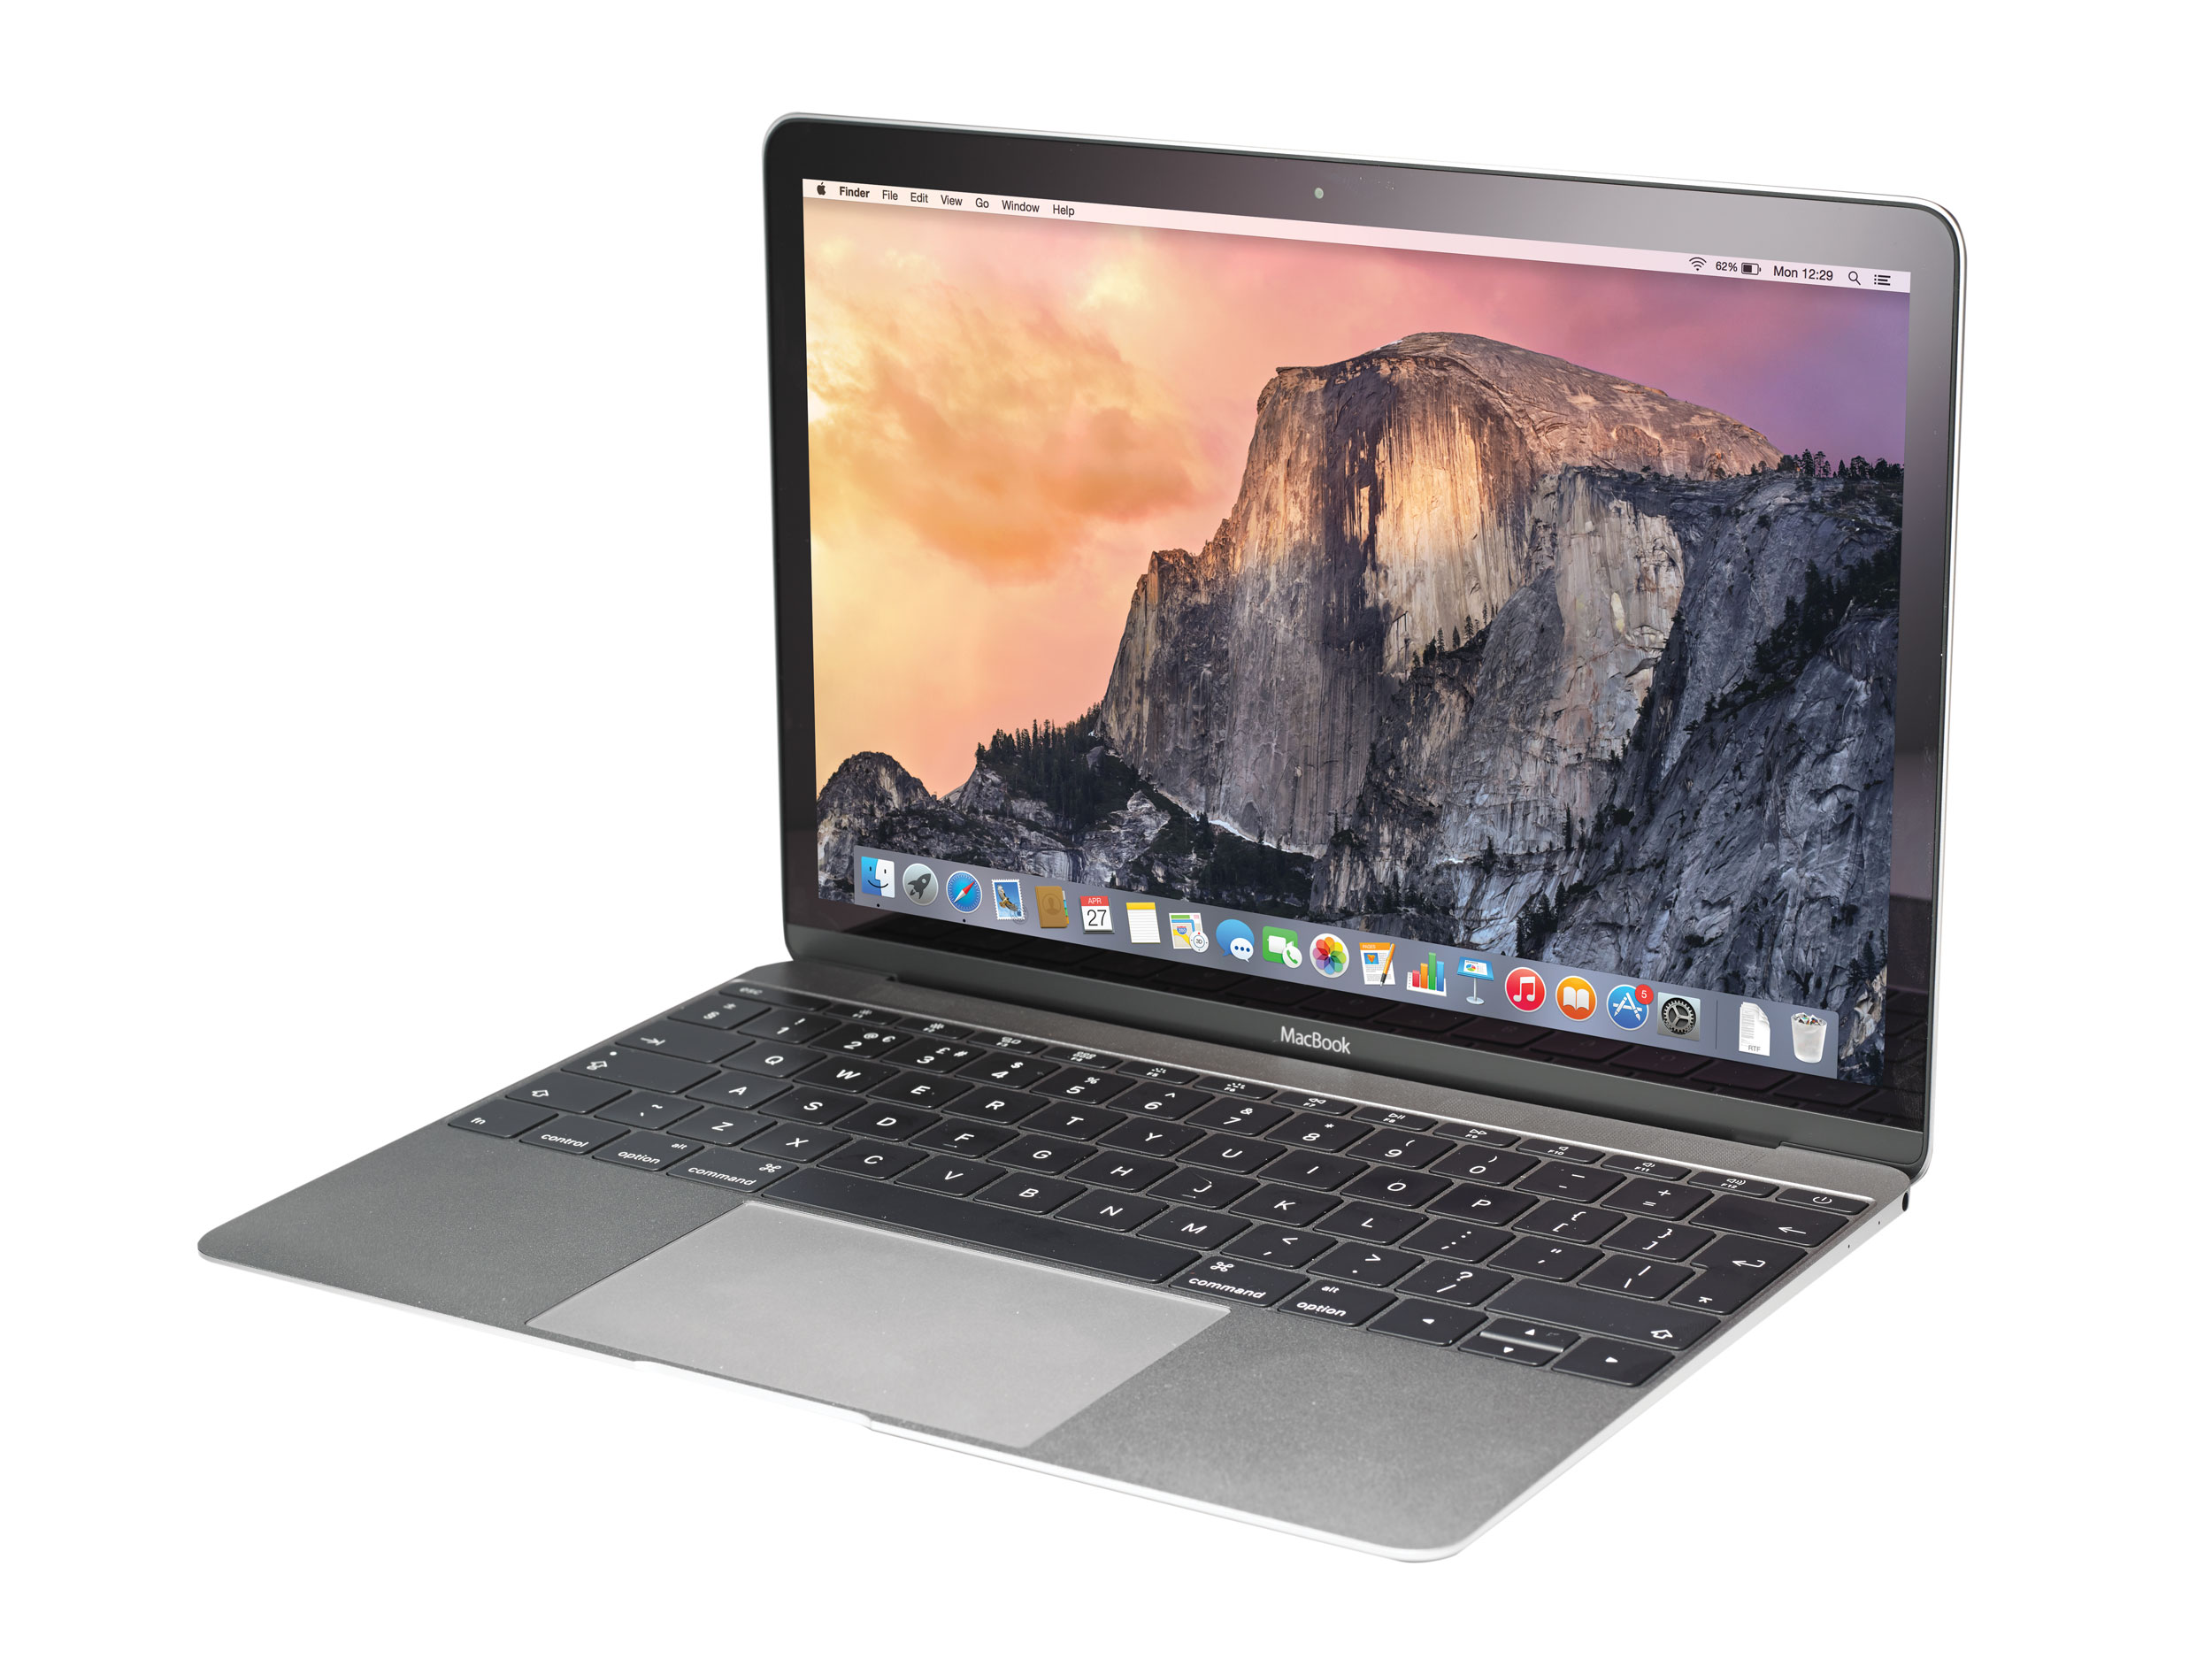 MacBook Pro 13-inch (2008)